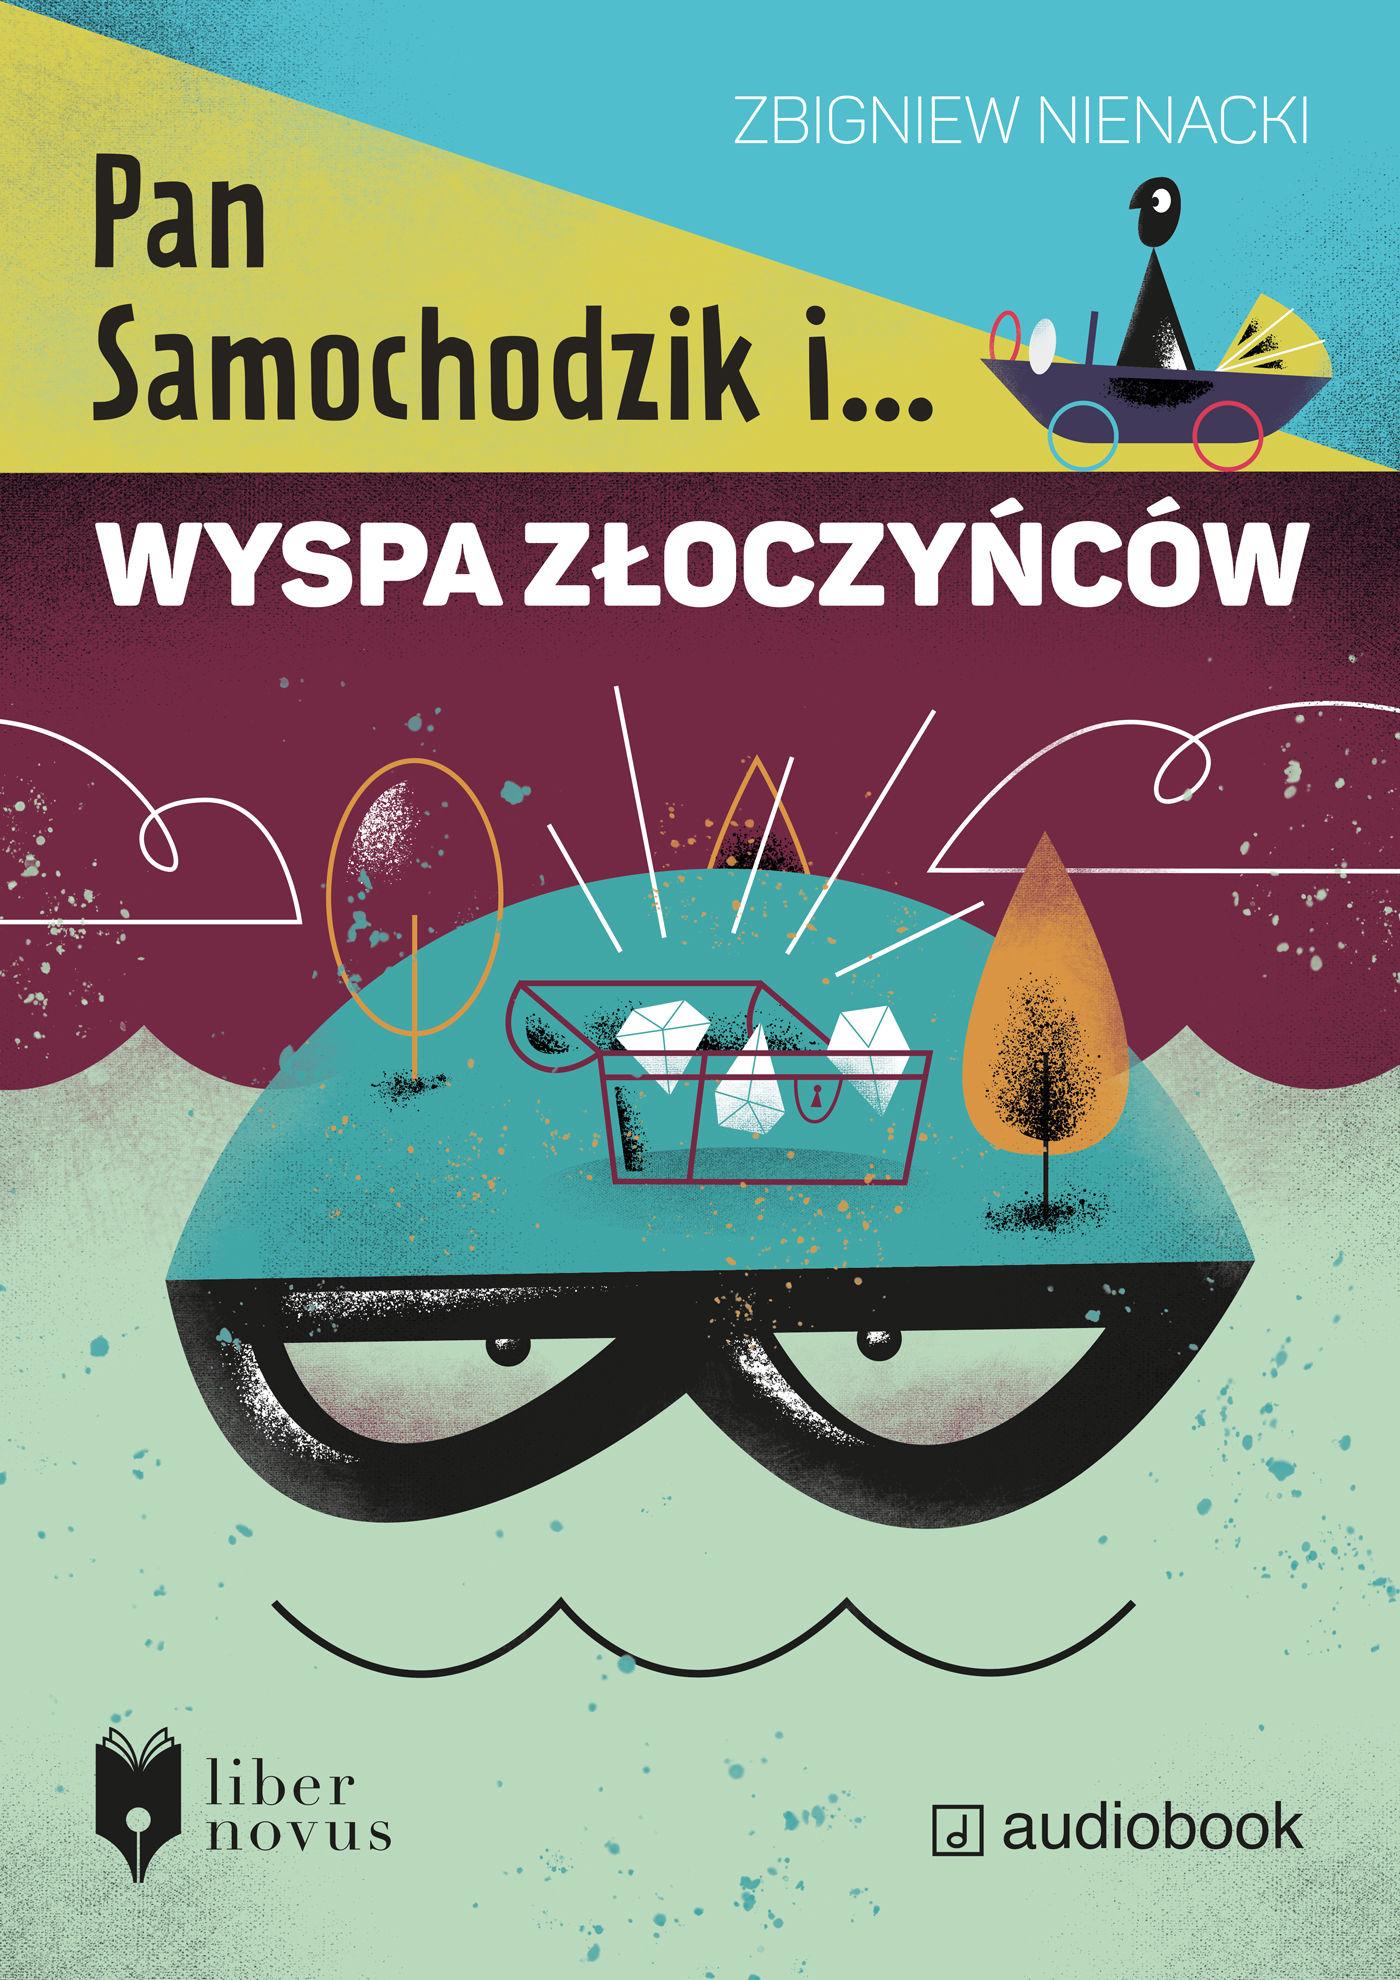 Pan Samochodzik i Wyspa Złoczyńców - Zbigniew Nienacki - audiobook